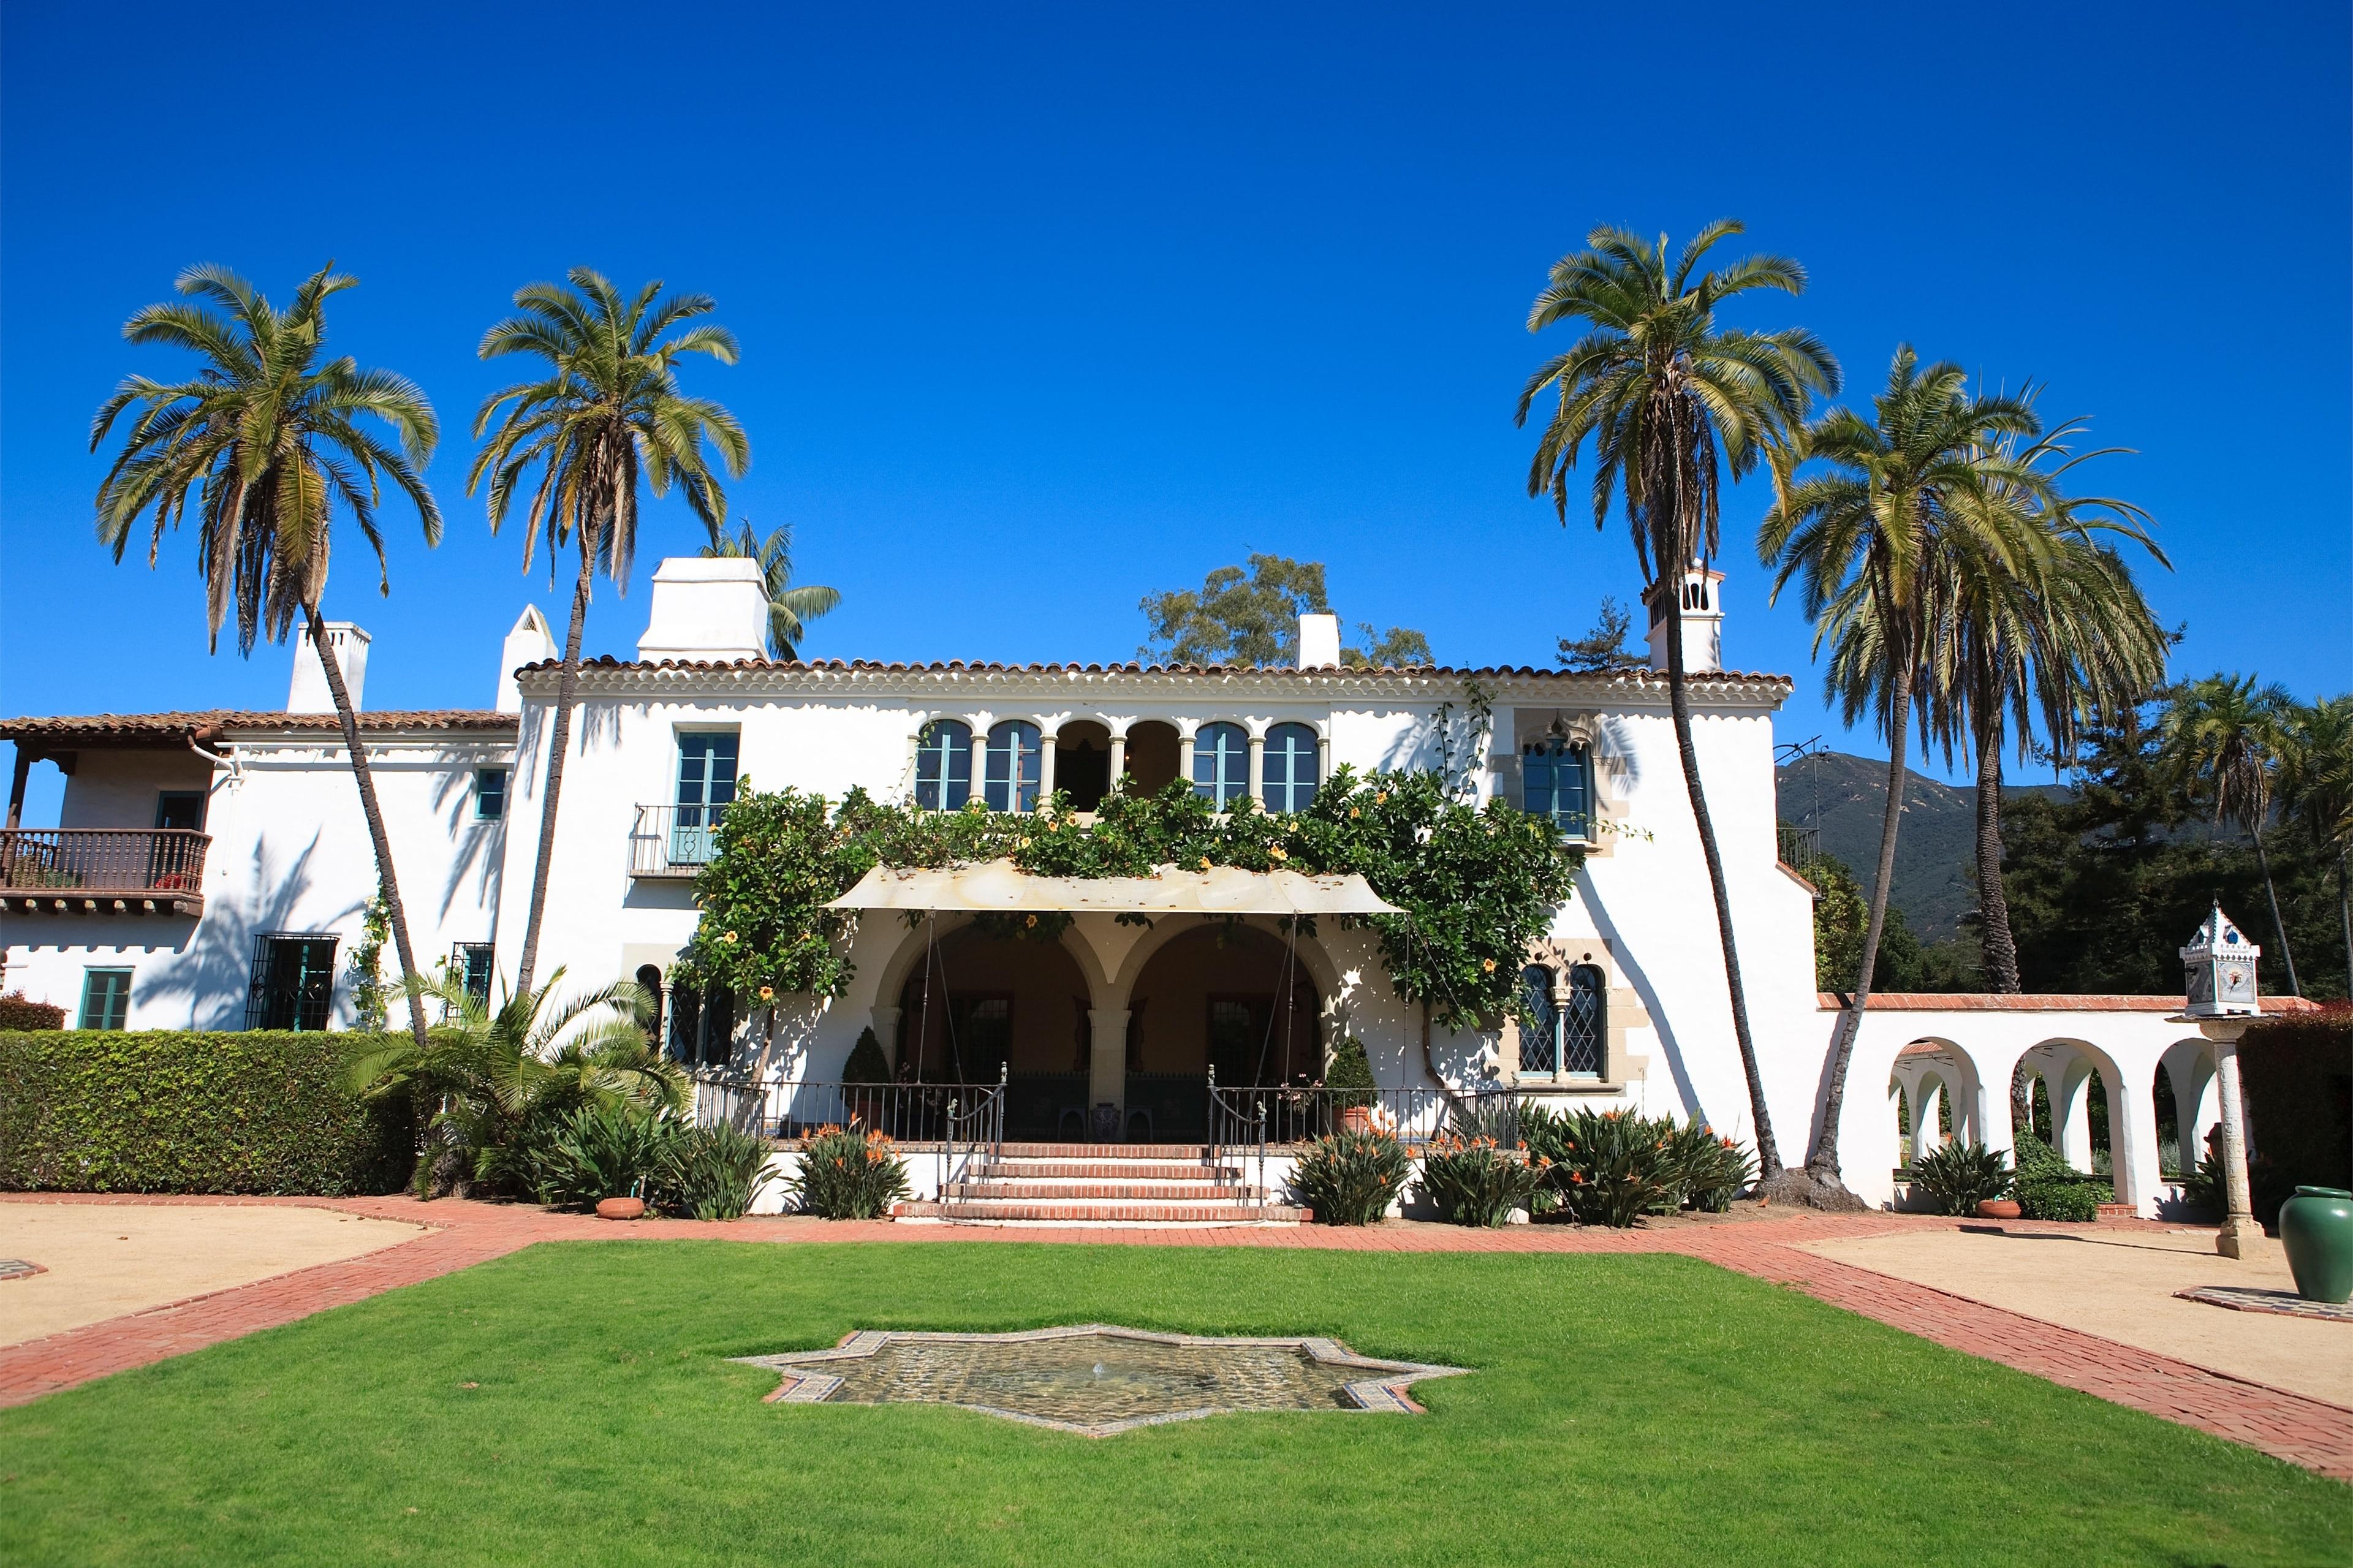 Montecito, Santa Barbara, California, United States of America